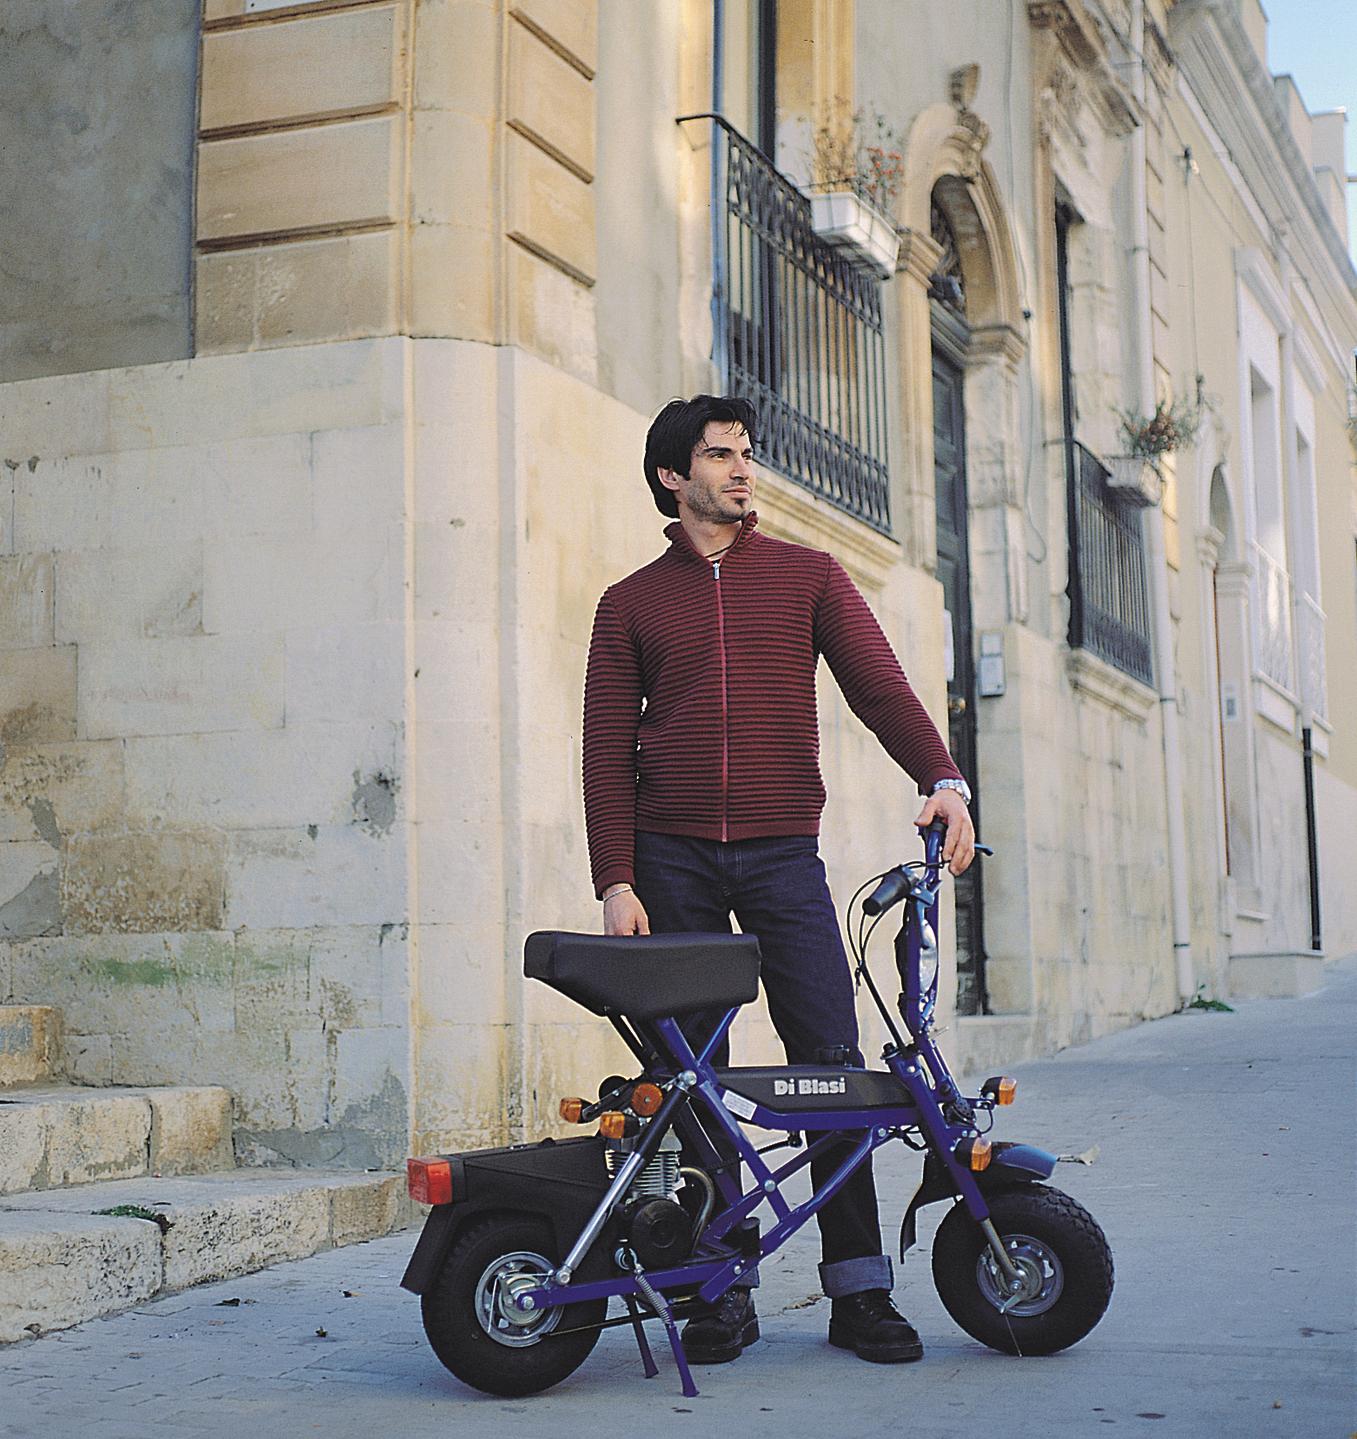 Di Blasi Pieghevole.Free Download Ciclomotore Pieghevole Di Blasi Mod R7